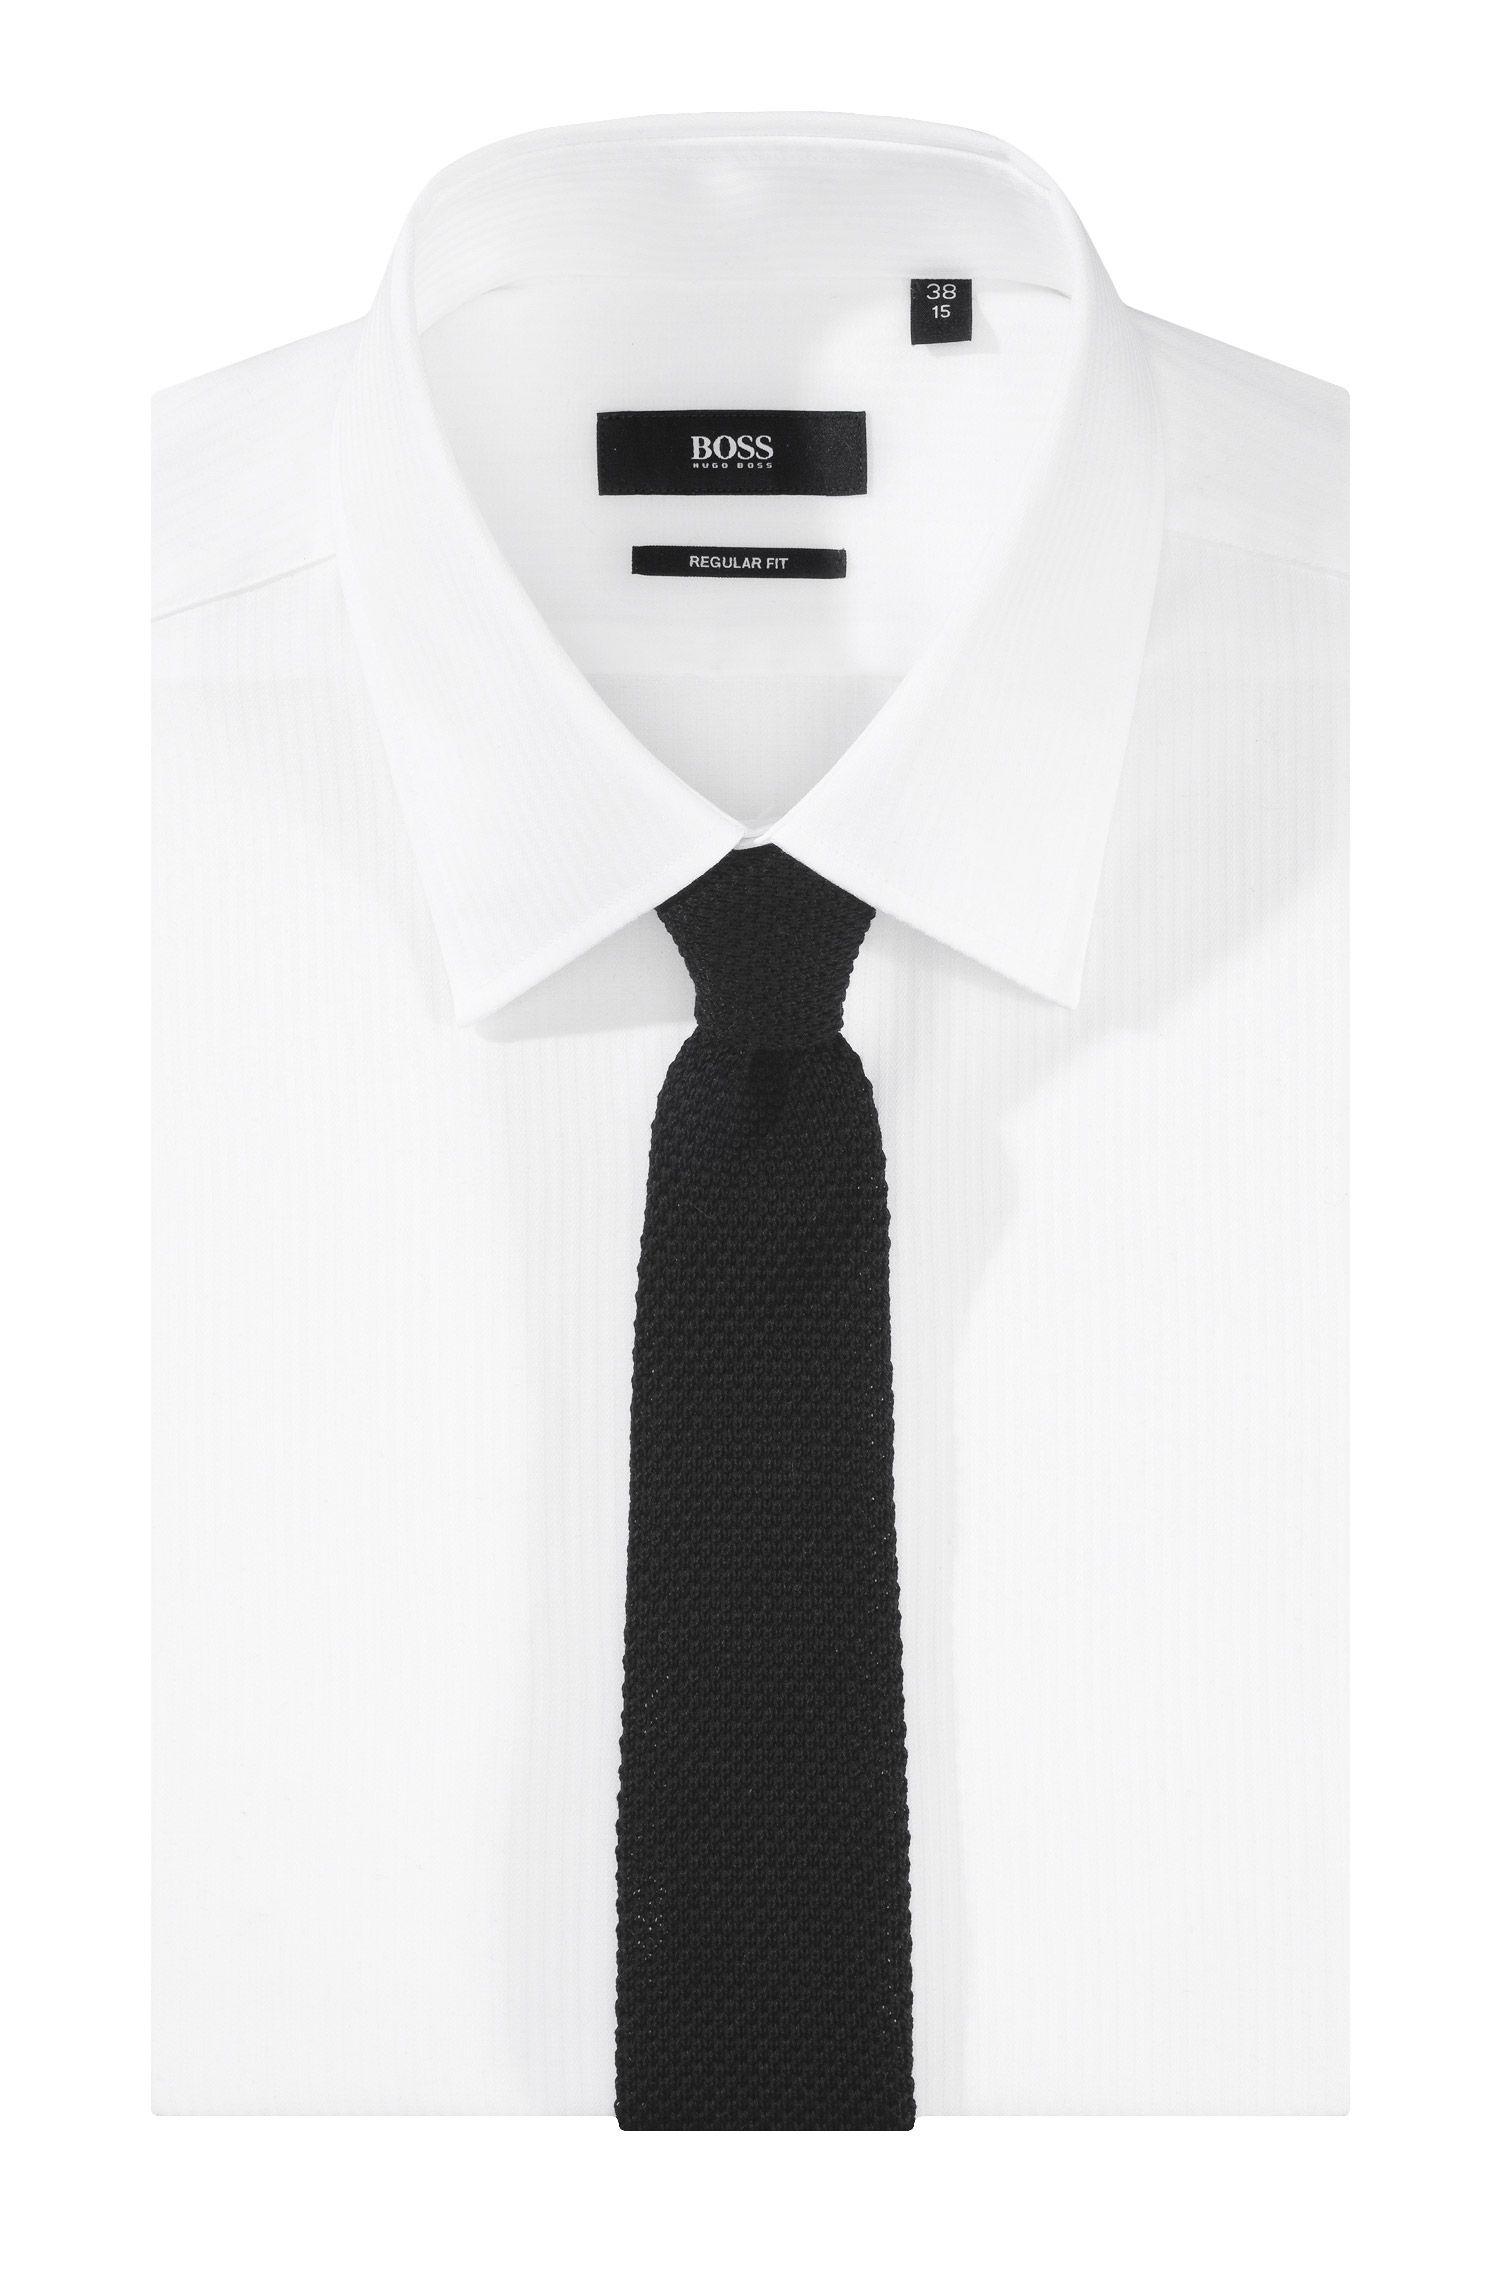 Cravate en maille de coton, Knitted Tie cm 5